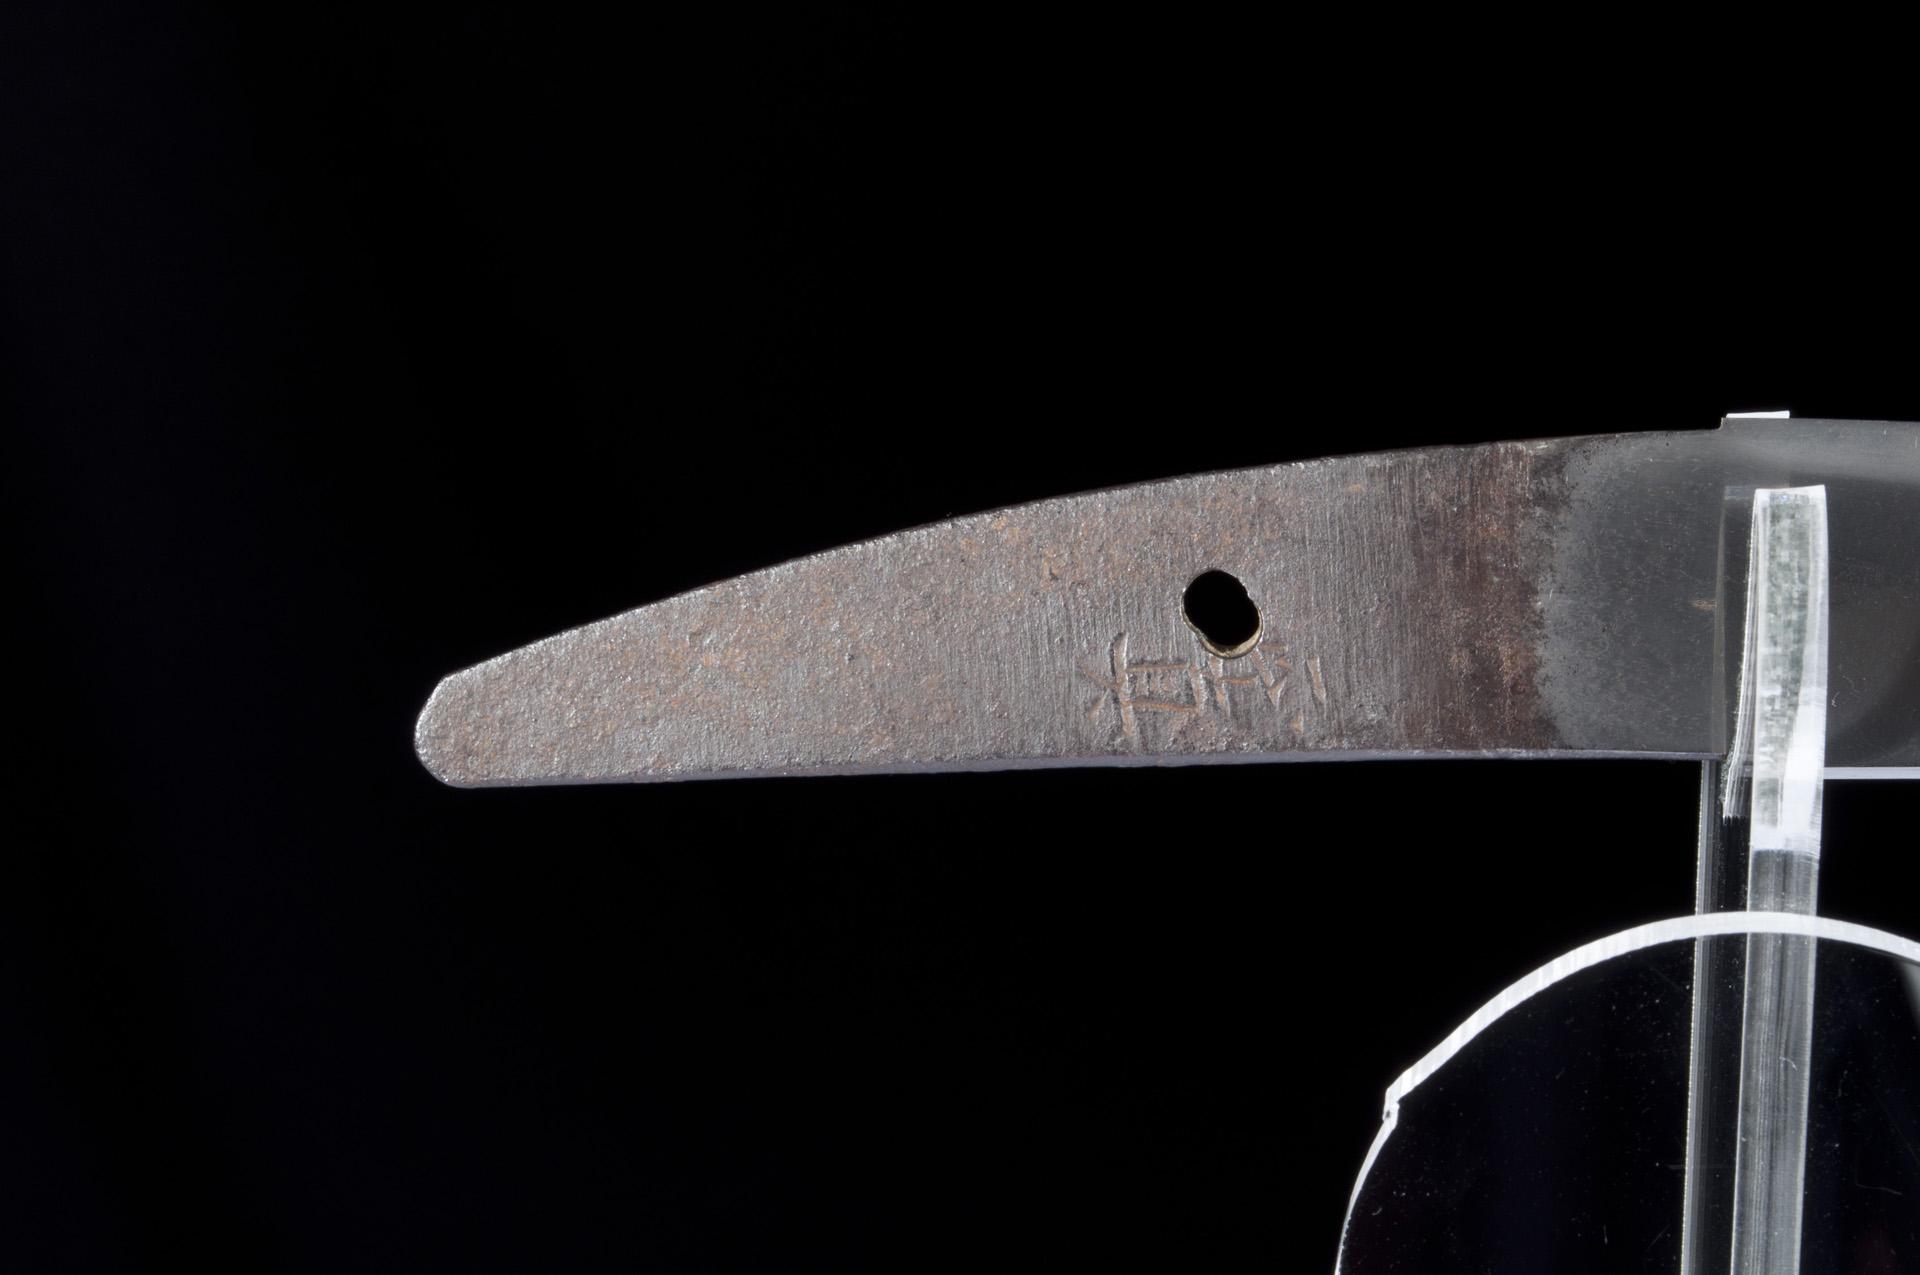 Sengo Masazane sunobi Tanto sabre japonais (5)